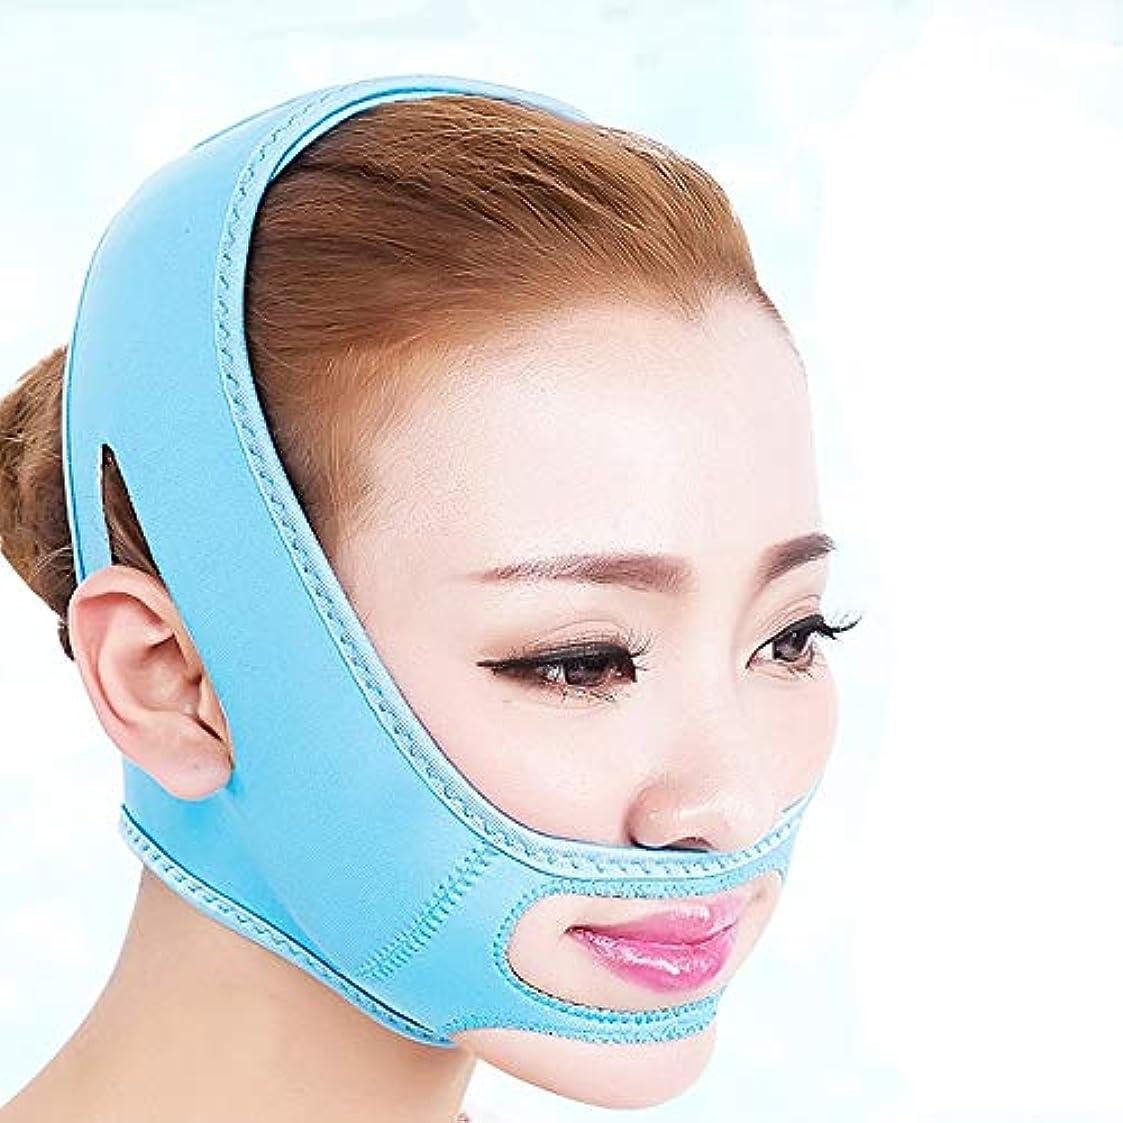 忌み嫌うハイキングに行く添加剤Vラインマスク、ネックマスクフェイスリフトVリフティングチンアップパッチダブルチンリデューサーネックリフト,Blue